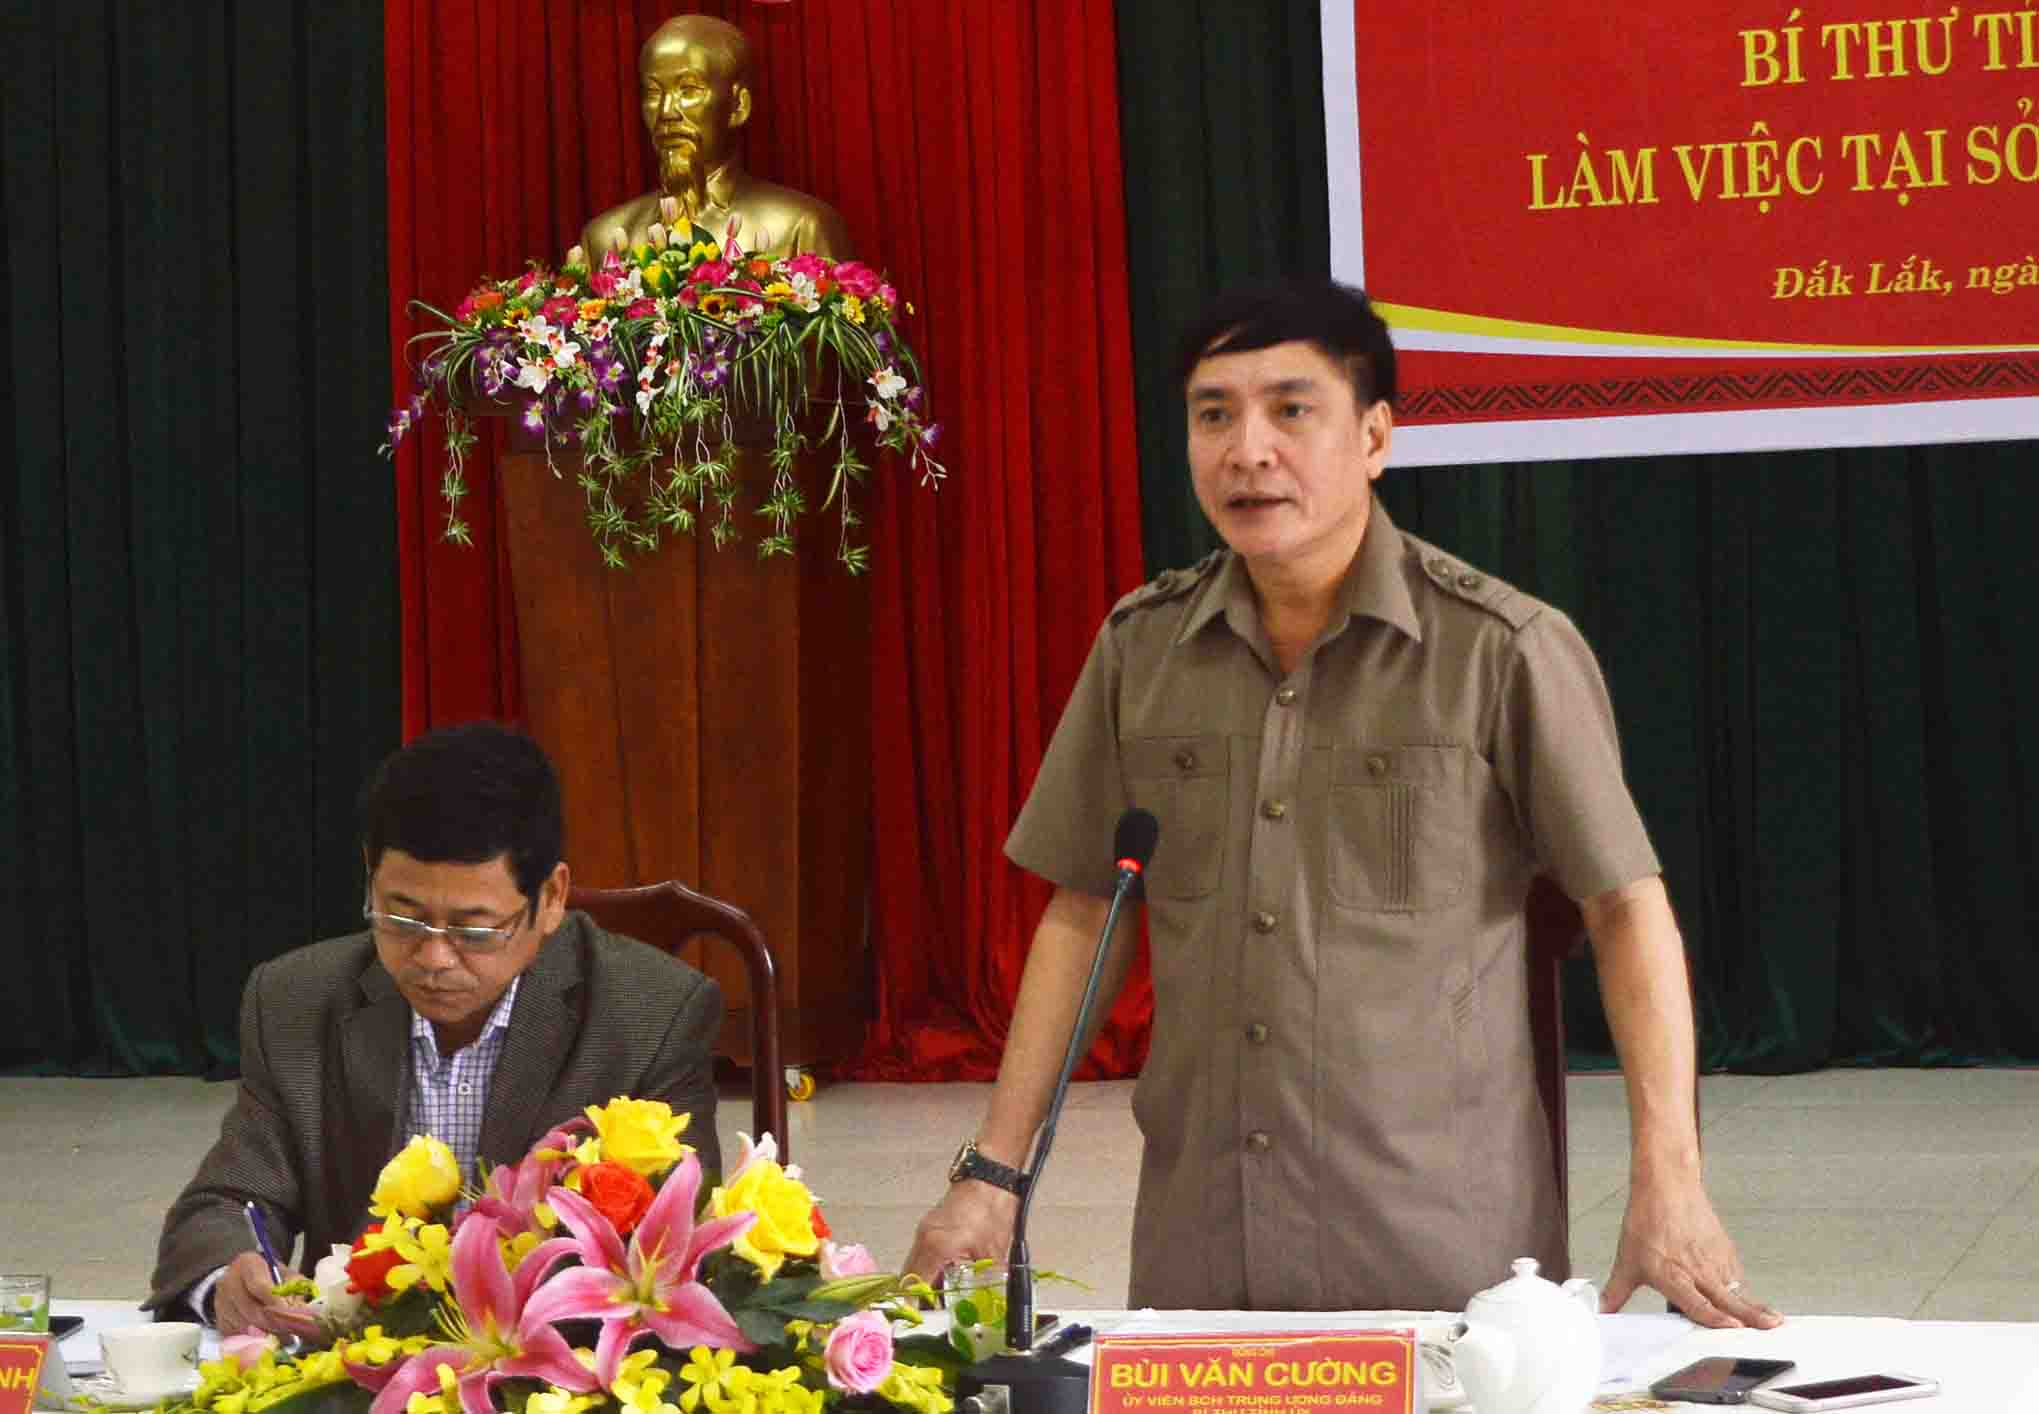 Bí thư Tỉnh ủy Bùi Văn Cường làm việc với Sở Nội vụ